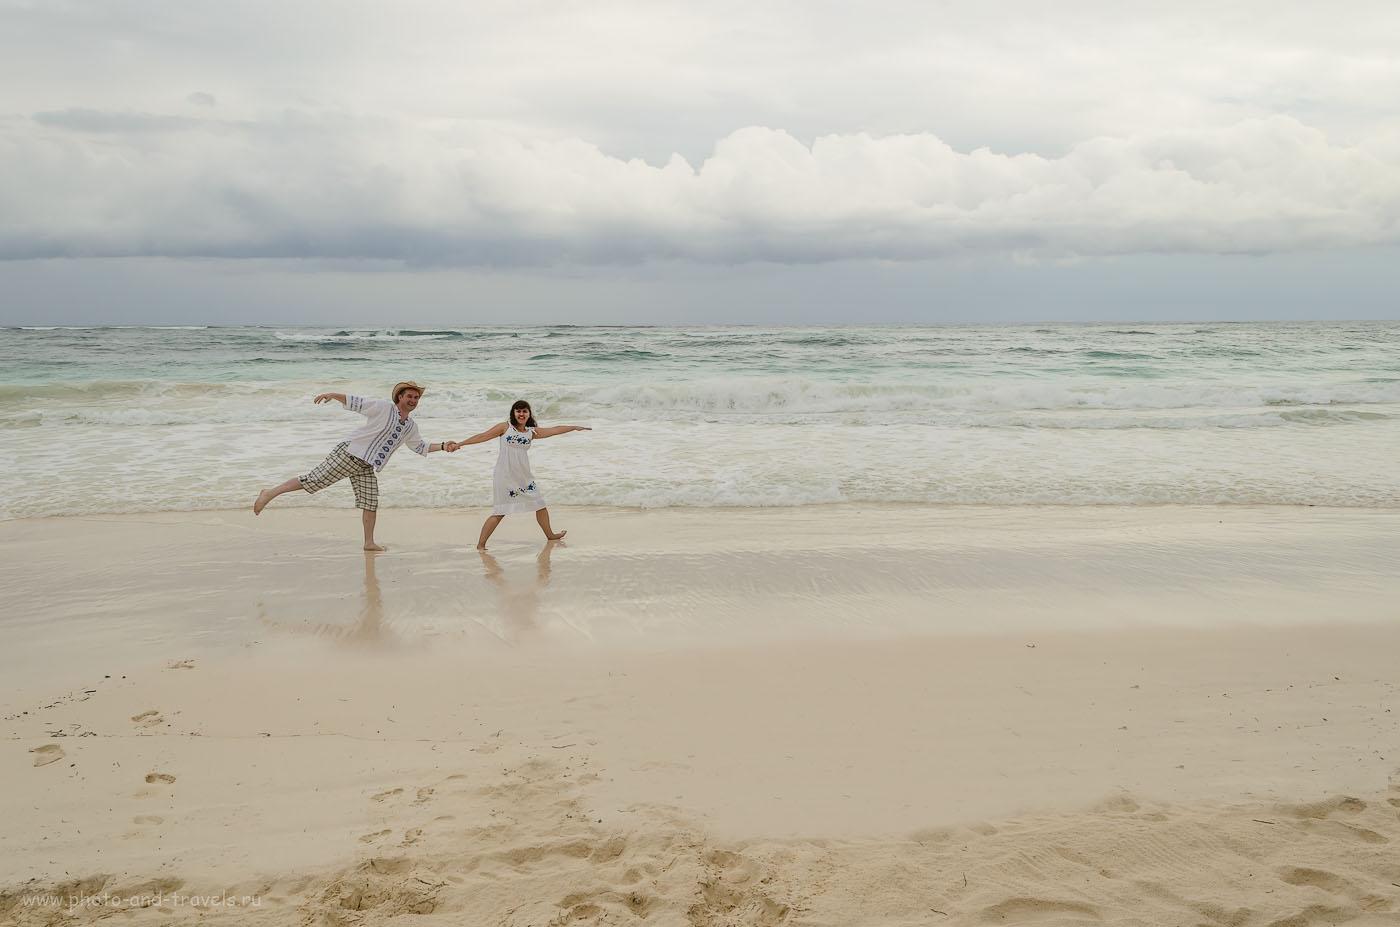 Фото 18. Мексика. Пляж в Тулуме. Отзывы туристов о самостоятельном отдыхе на курортах страны. Фотоаппарат Nikon D5100. Снято со штатива. Настройки. 1/320, 10, 18, 200. Подробности об отдыхе на курорте Tulum и об этой фотосессии читайте в 12-й главе отчета.